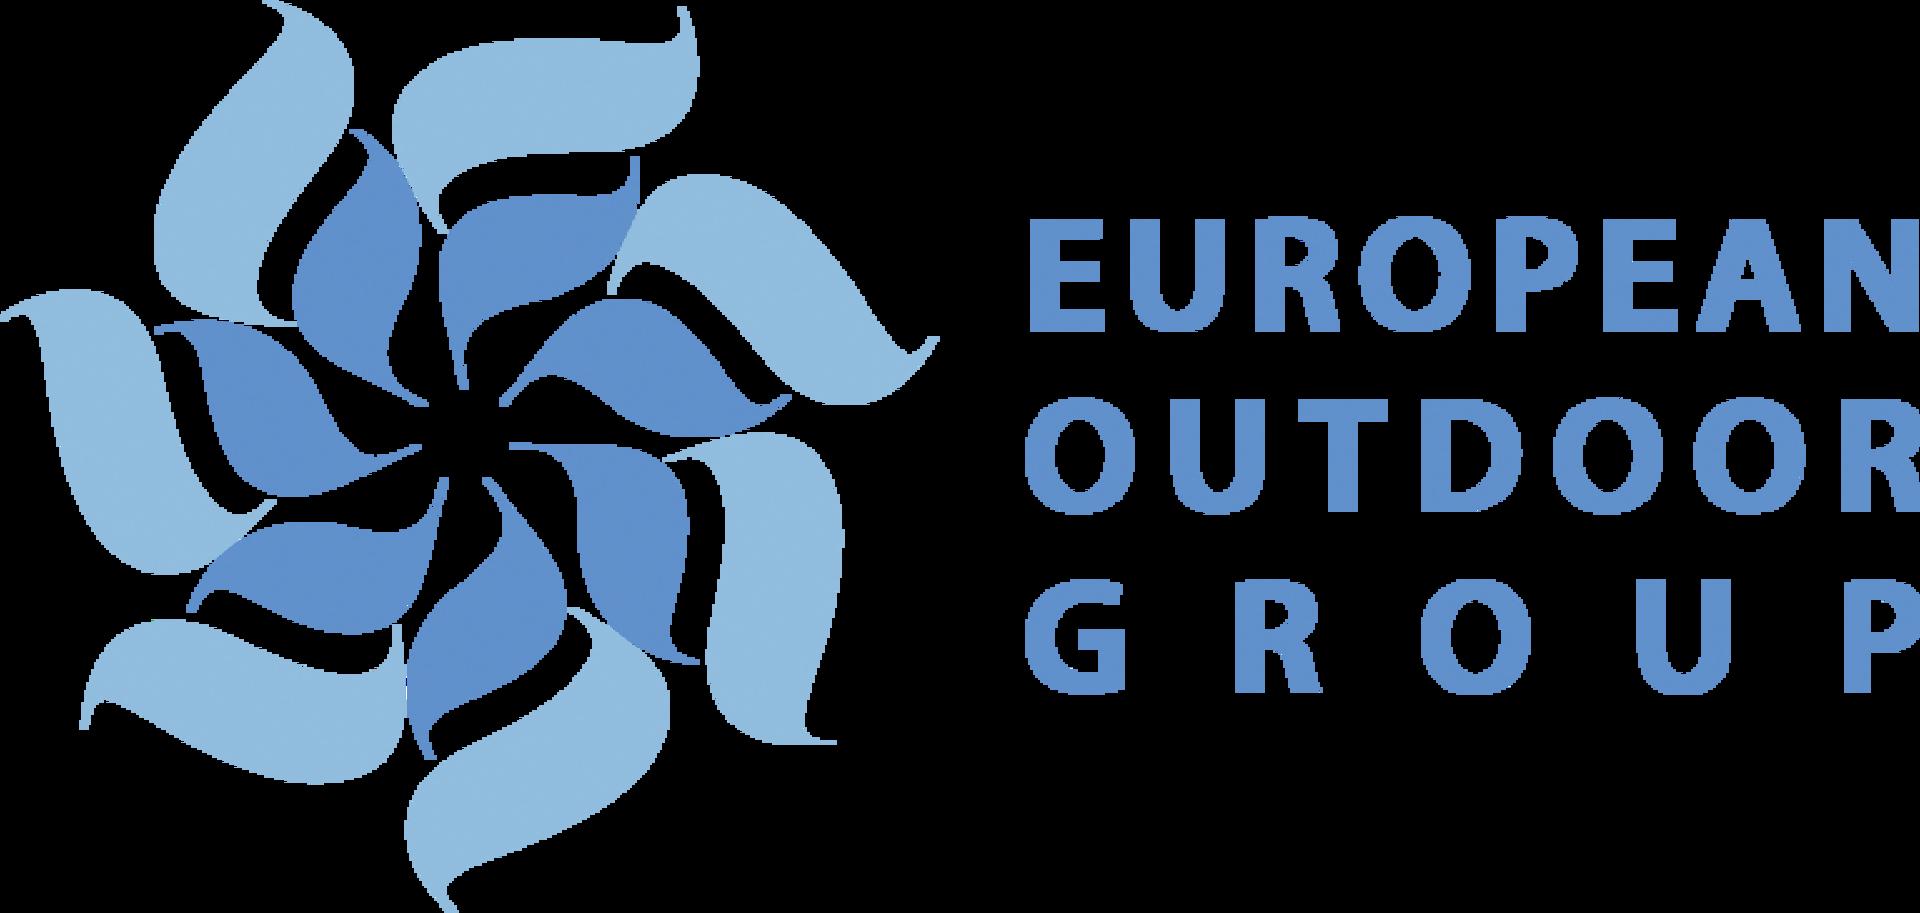 eog-logo_clipping